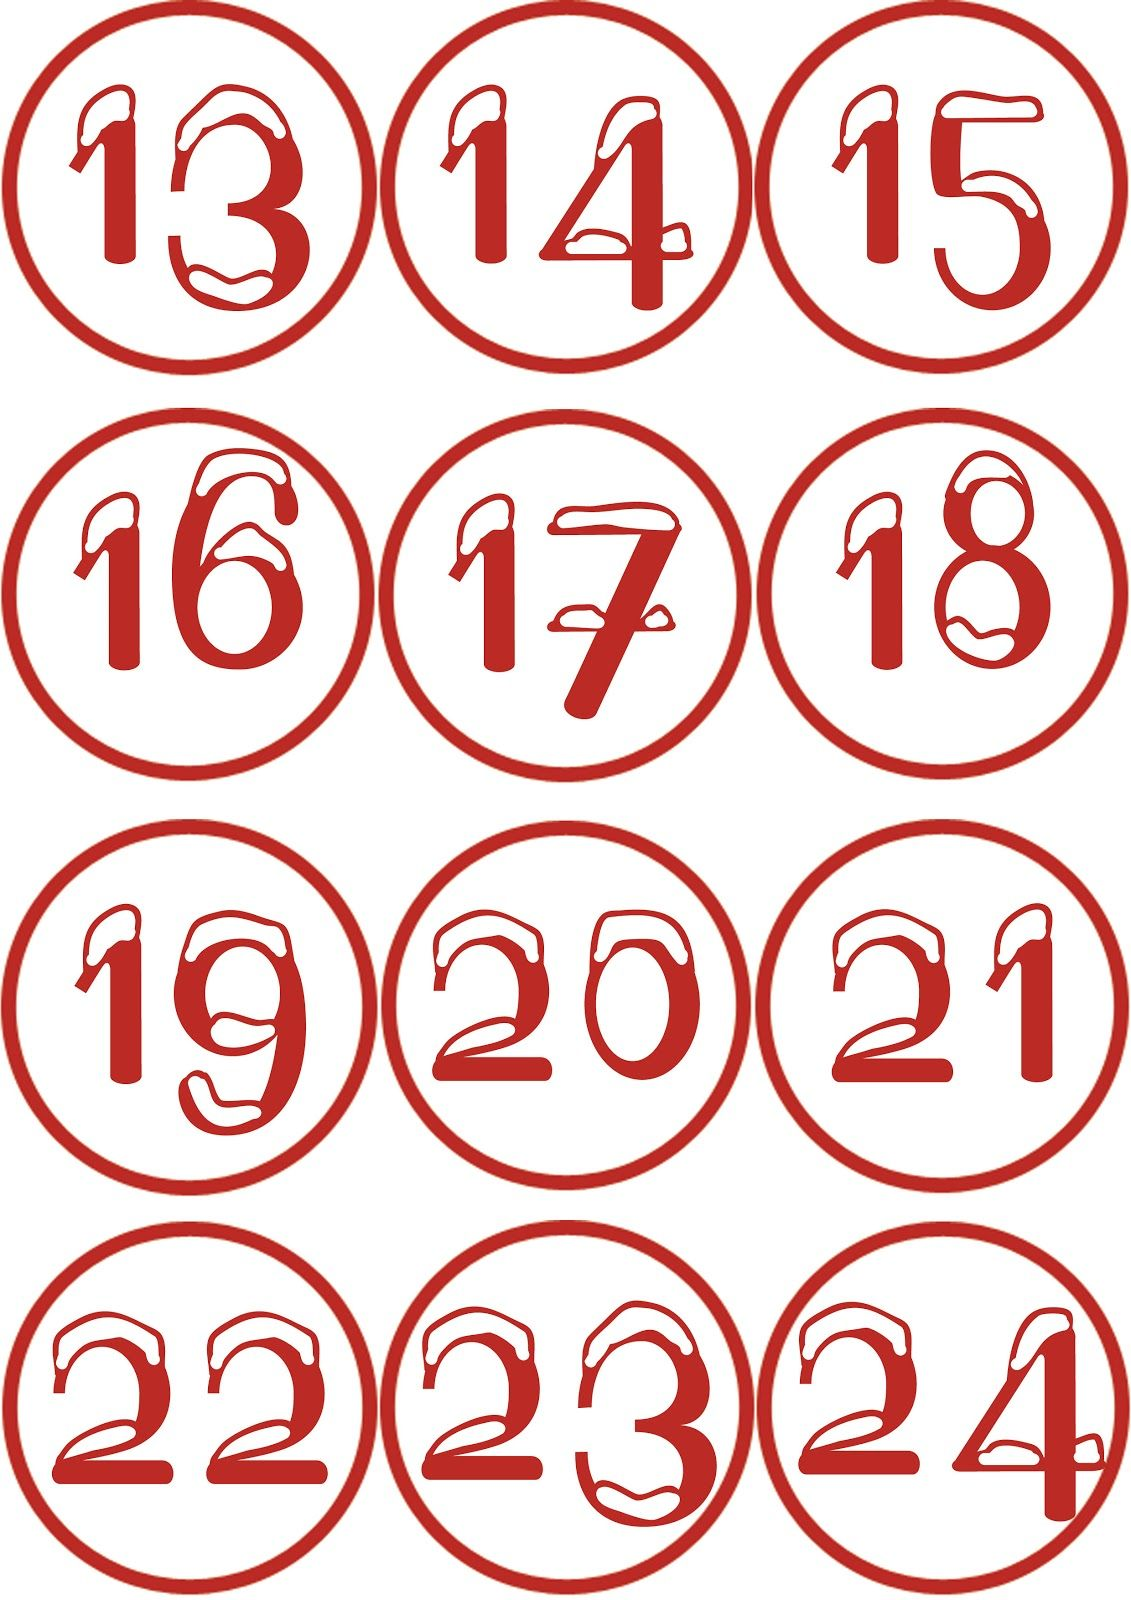 Numeri Per Calendario Avvento.Numeri Con Neve Per Calendario Dell Avvento Printables